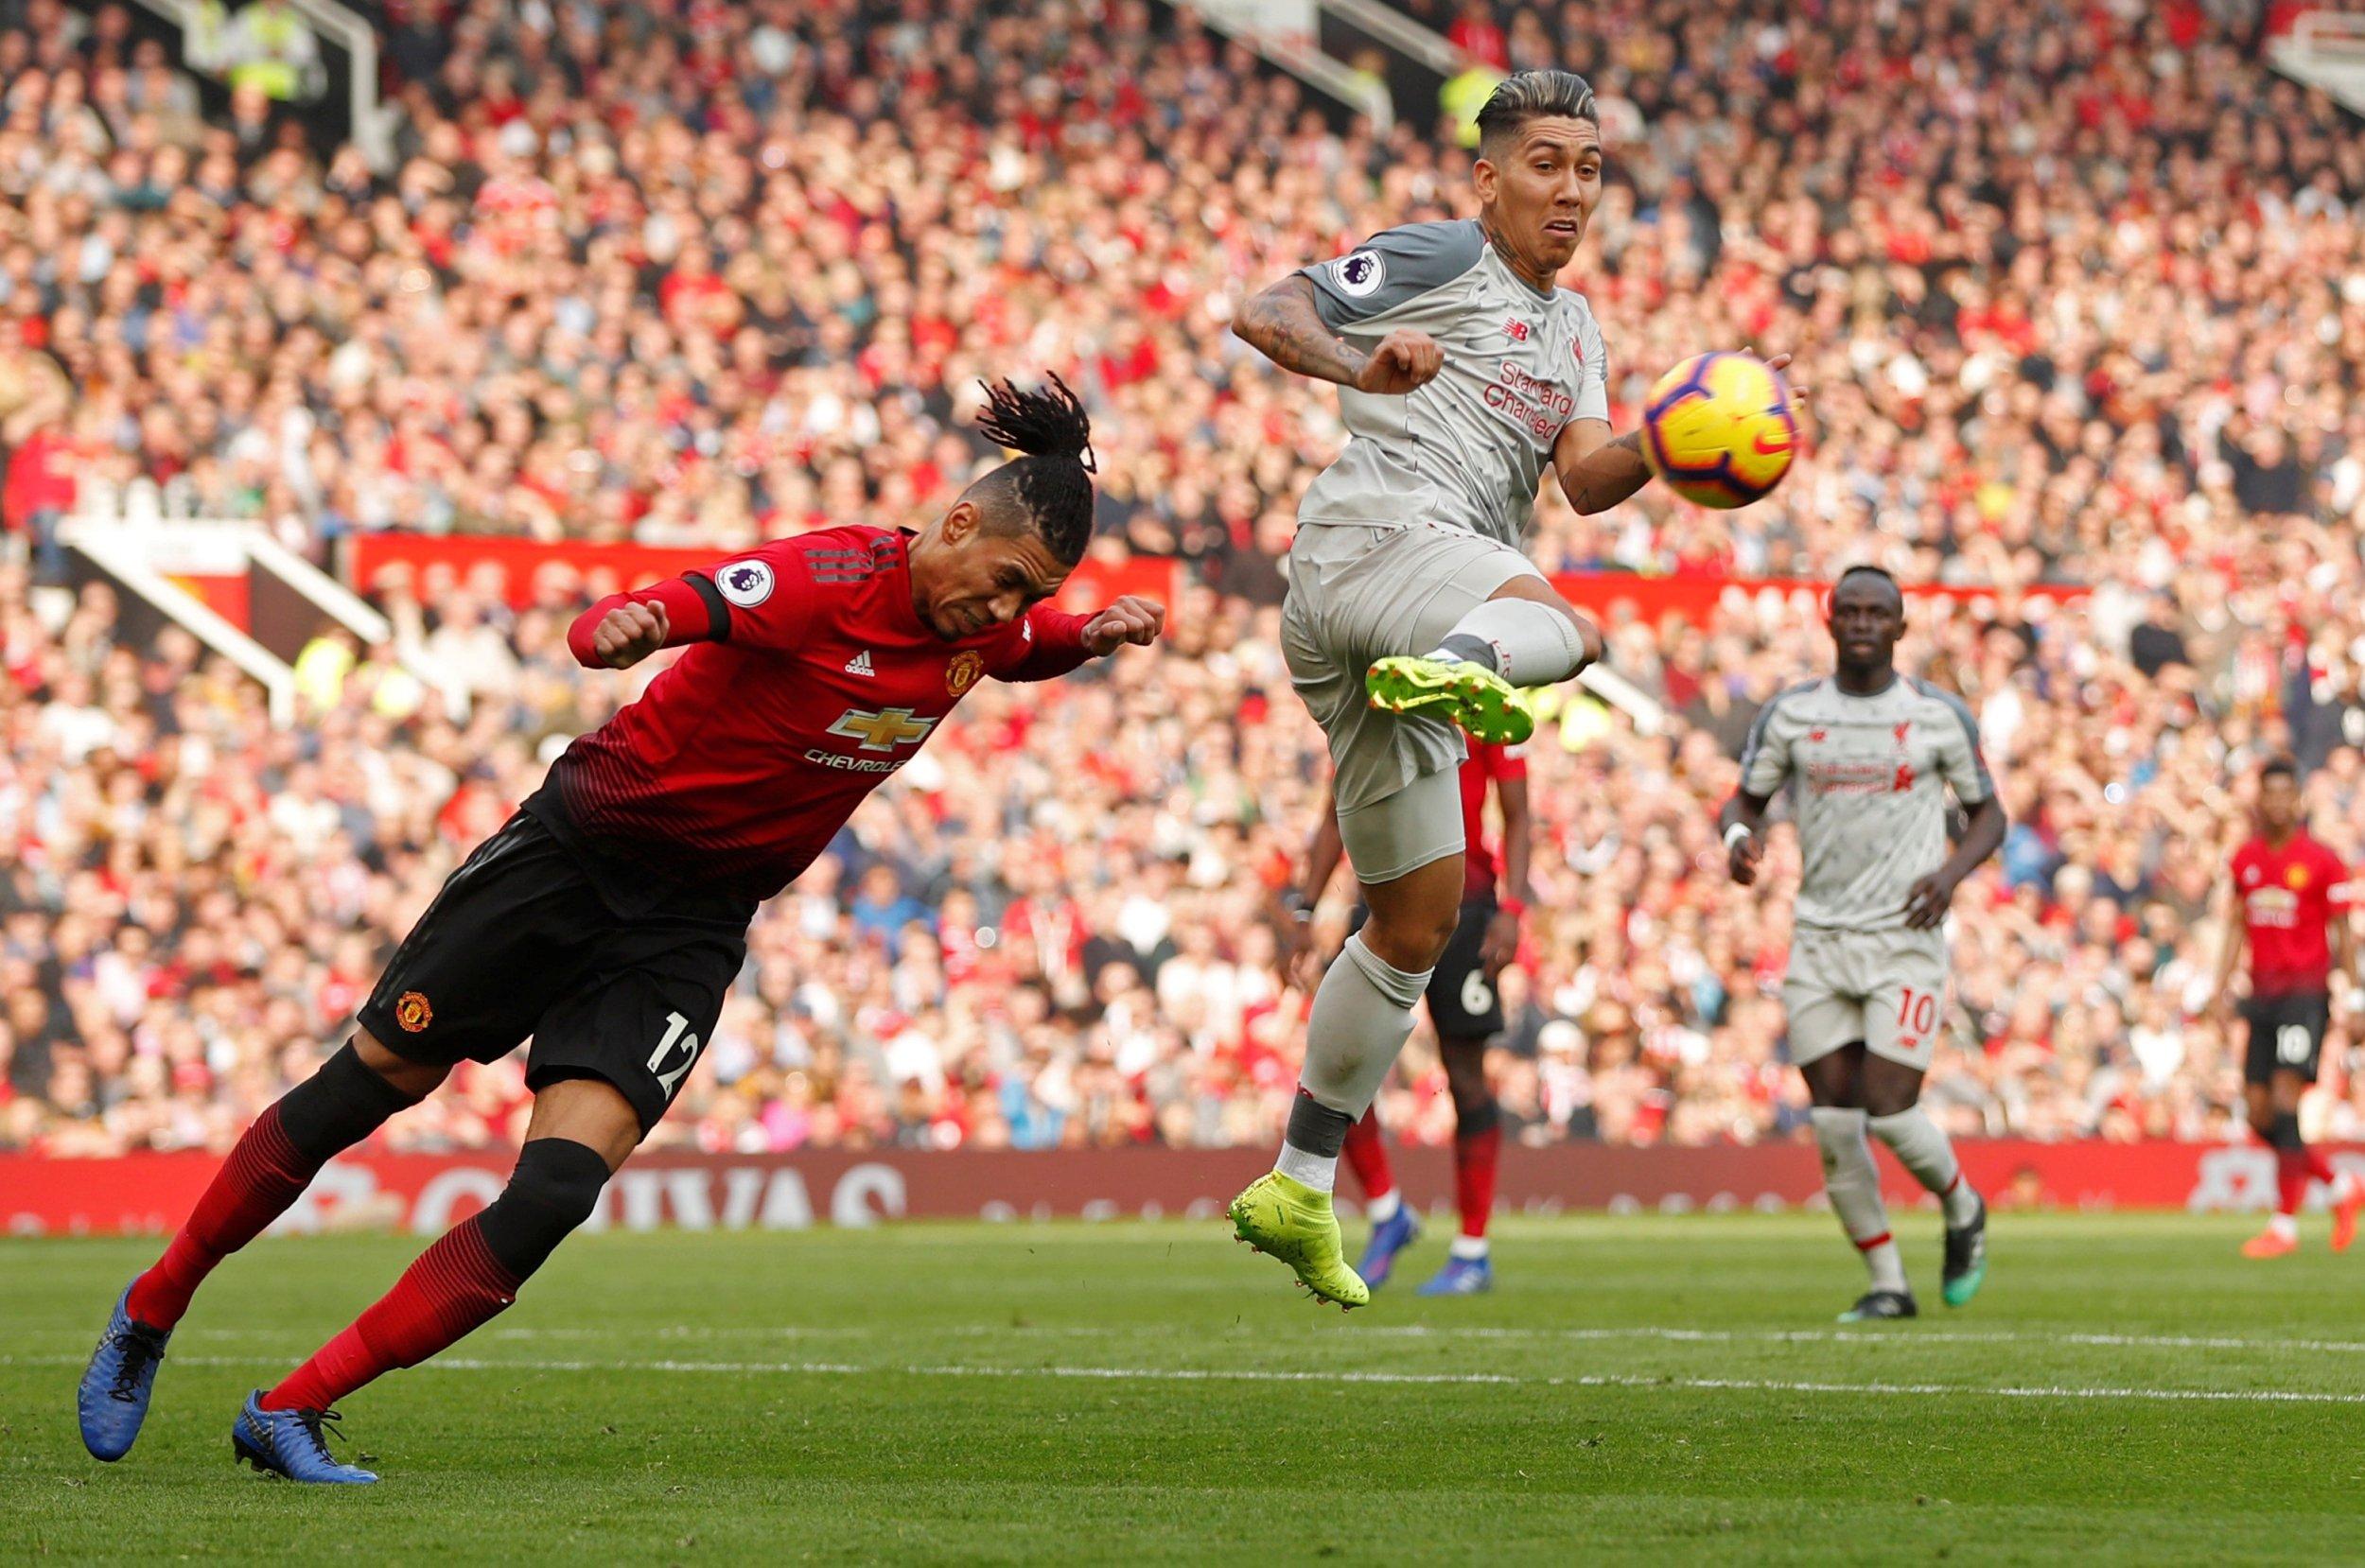 Chris Smalling trông tuyệt hơn bao giờ hết và có thể giúp Manchester United tiết kiệm 90 triệu bảng - Bóng Đá